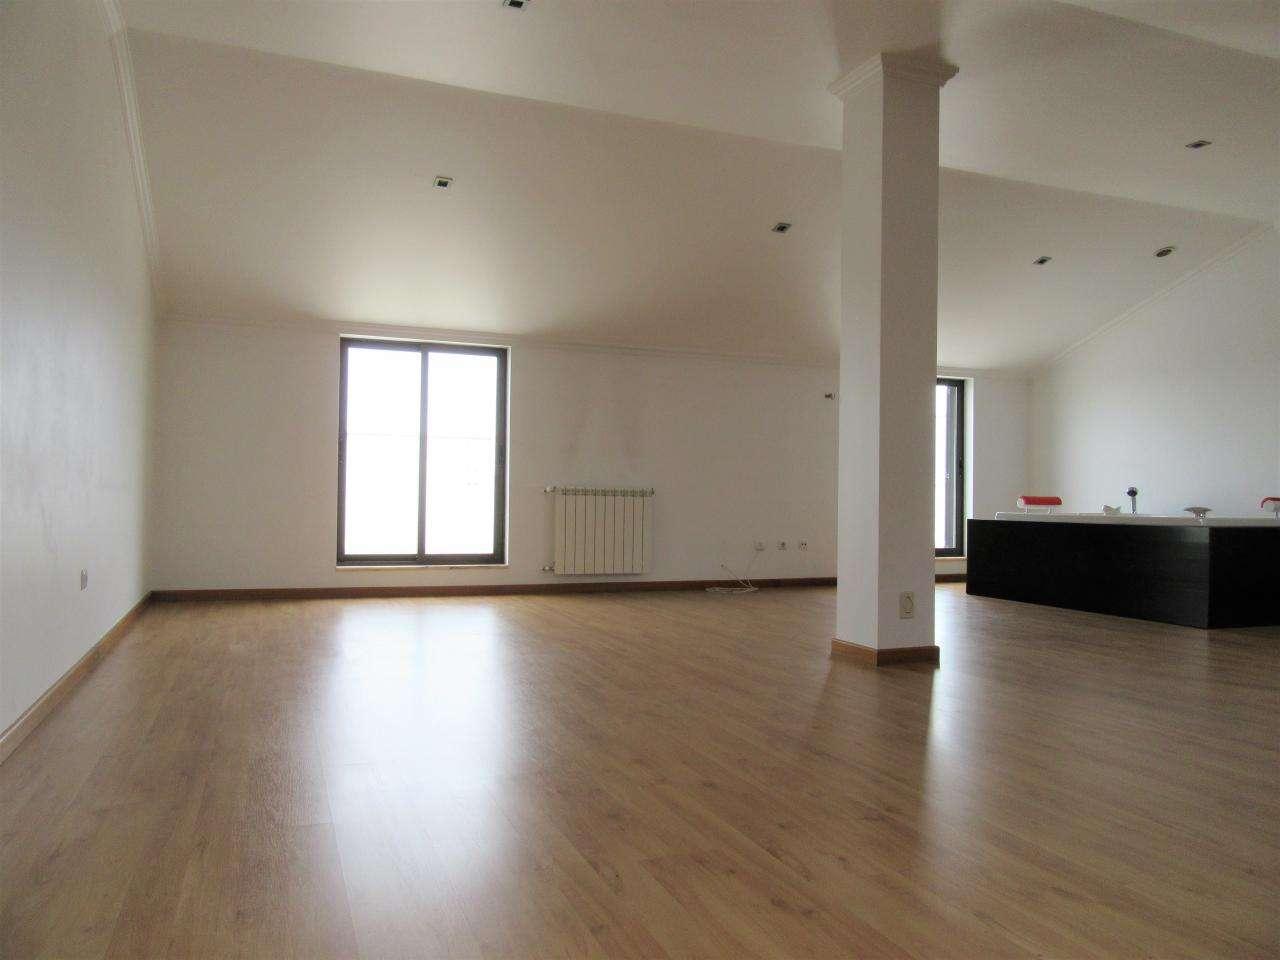 Apartamento para comprar, Leiria, Pousos, Barreira e Cortes, Leiria - Foto 23